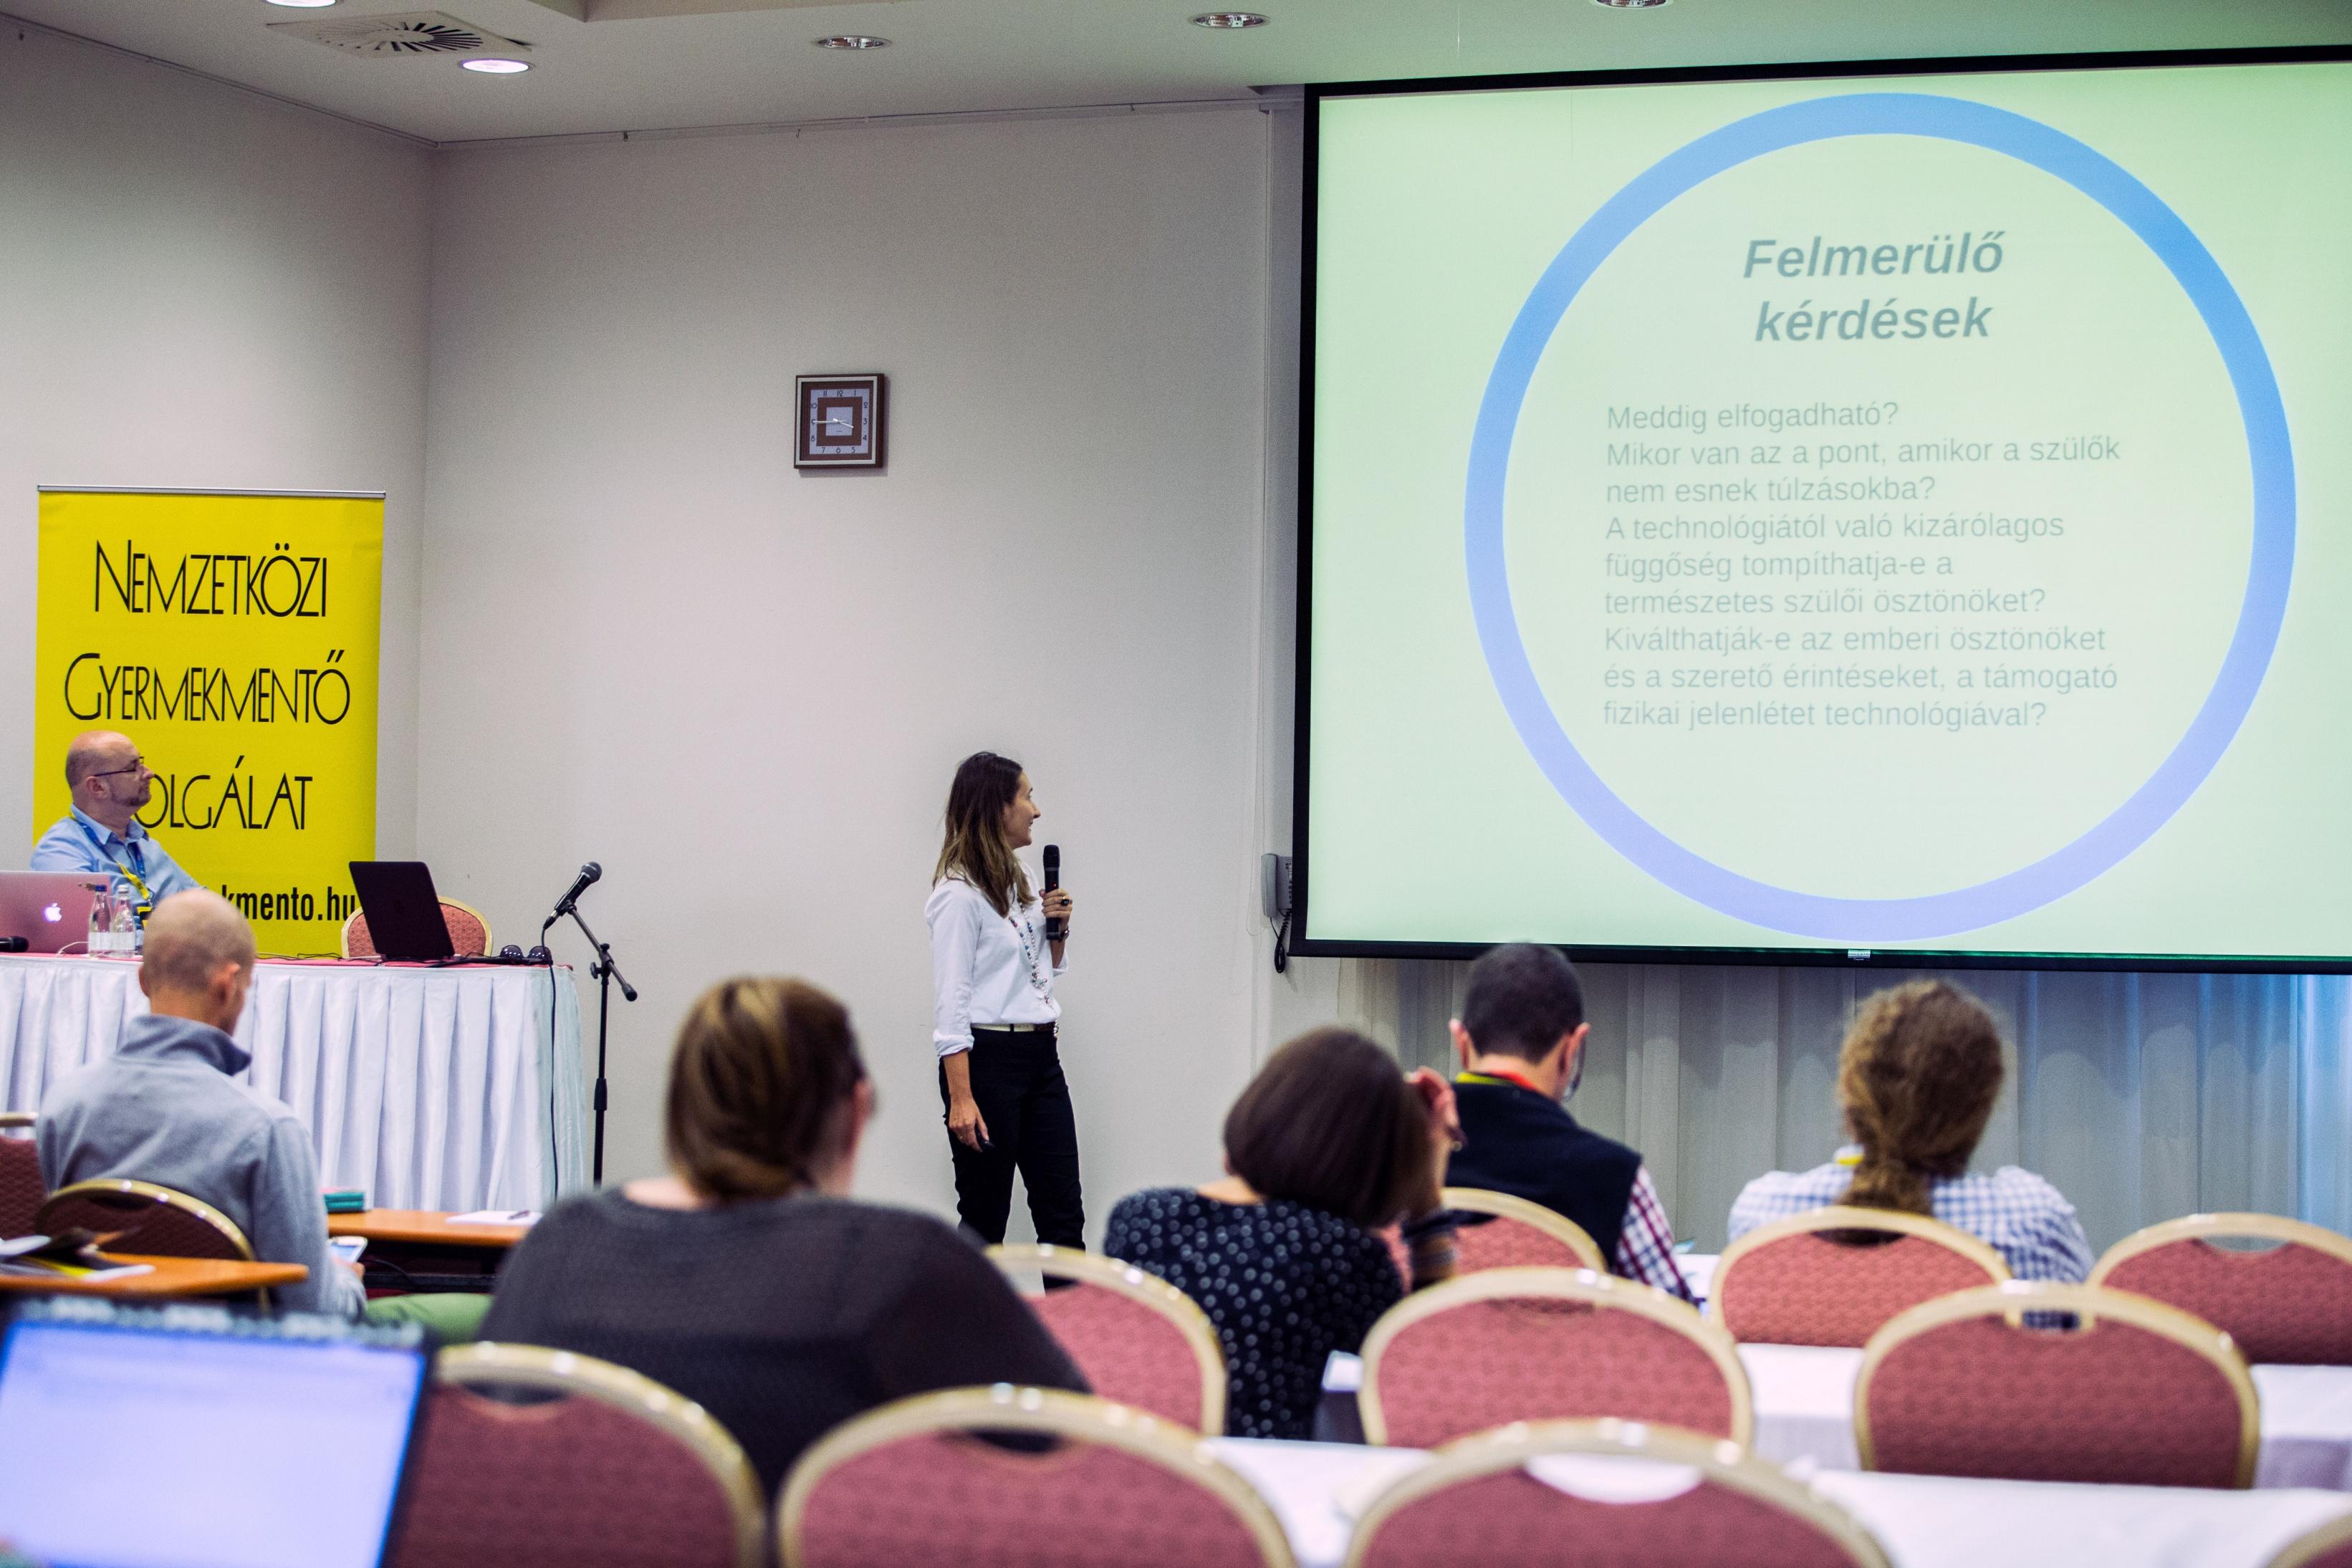 Bereczki Enikő. fotó: Nemzetközi Gyerekmentőszolgálat Médiakonferencia